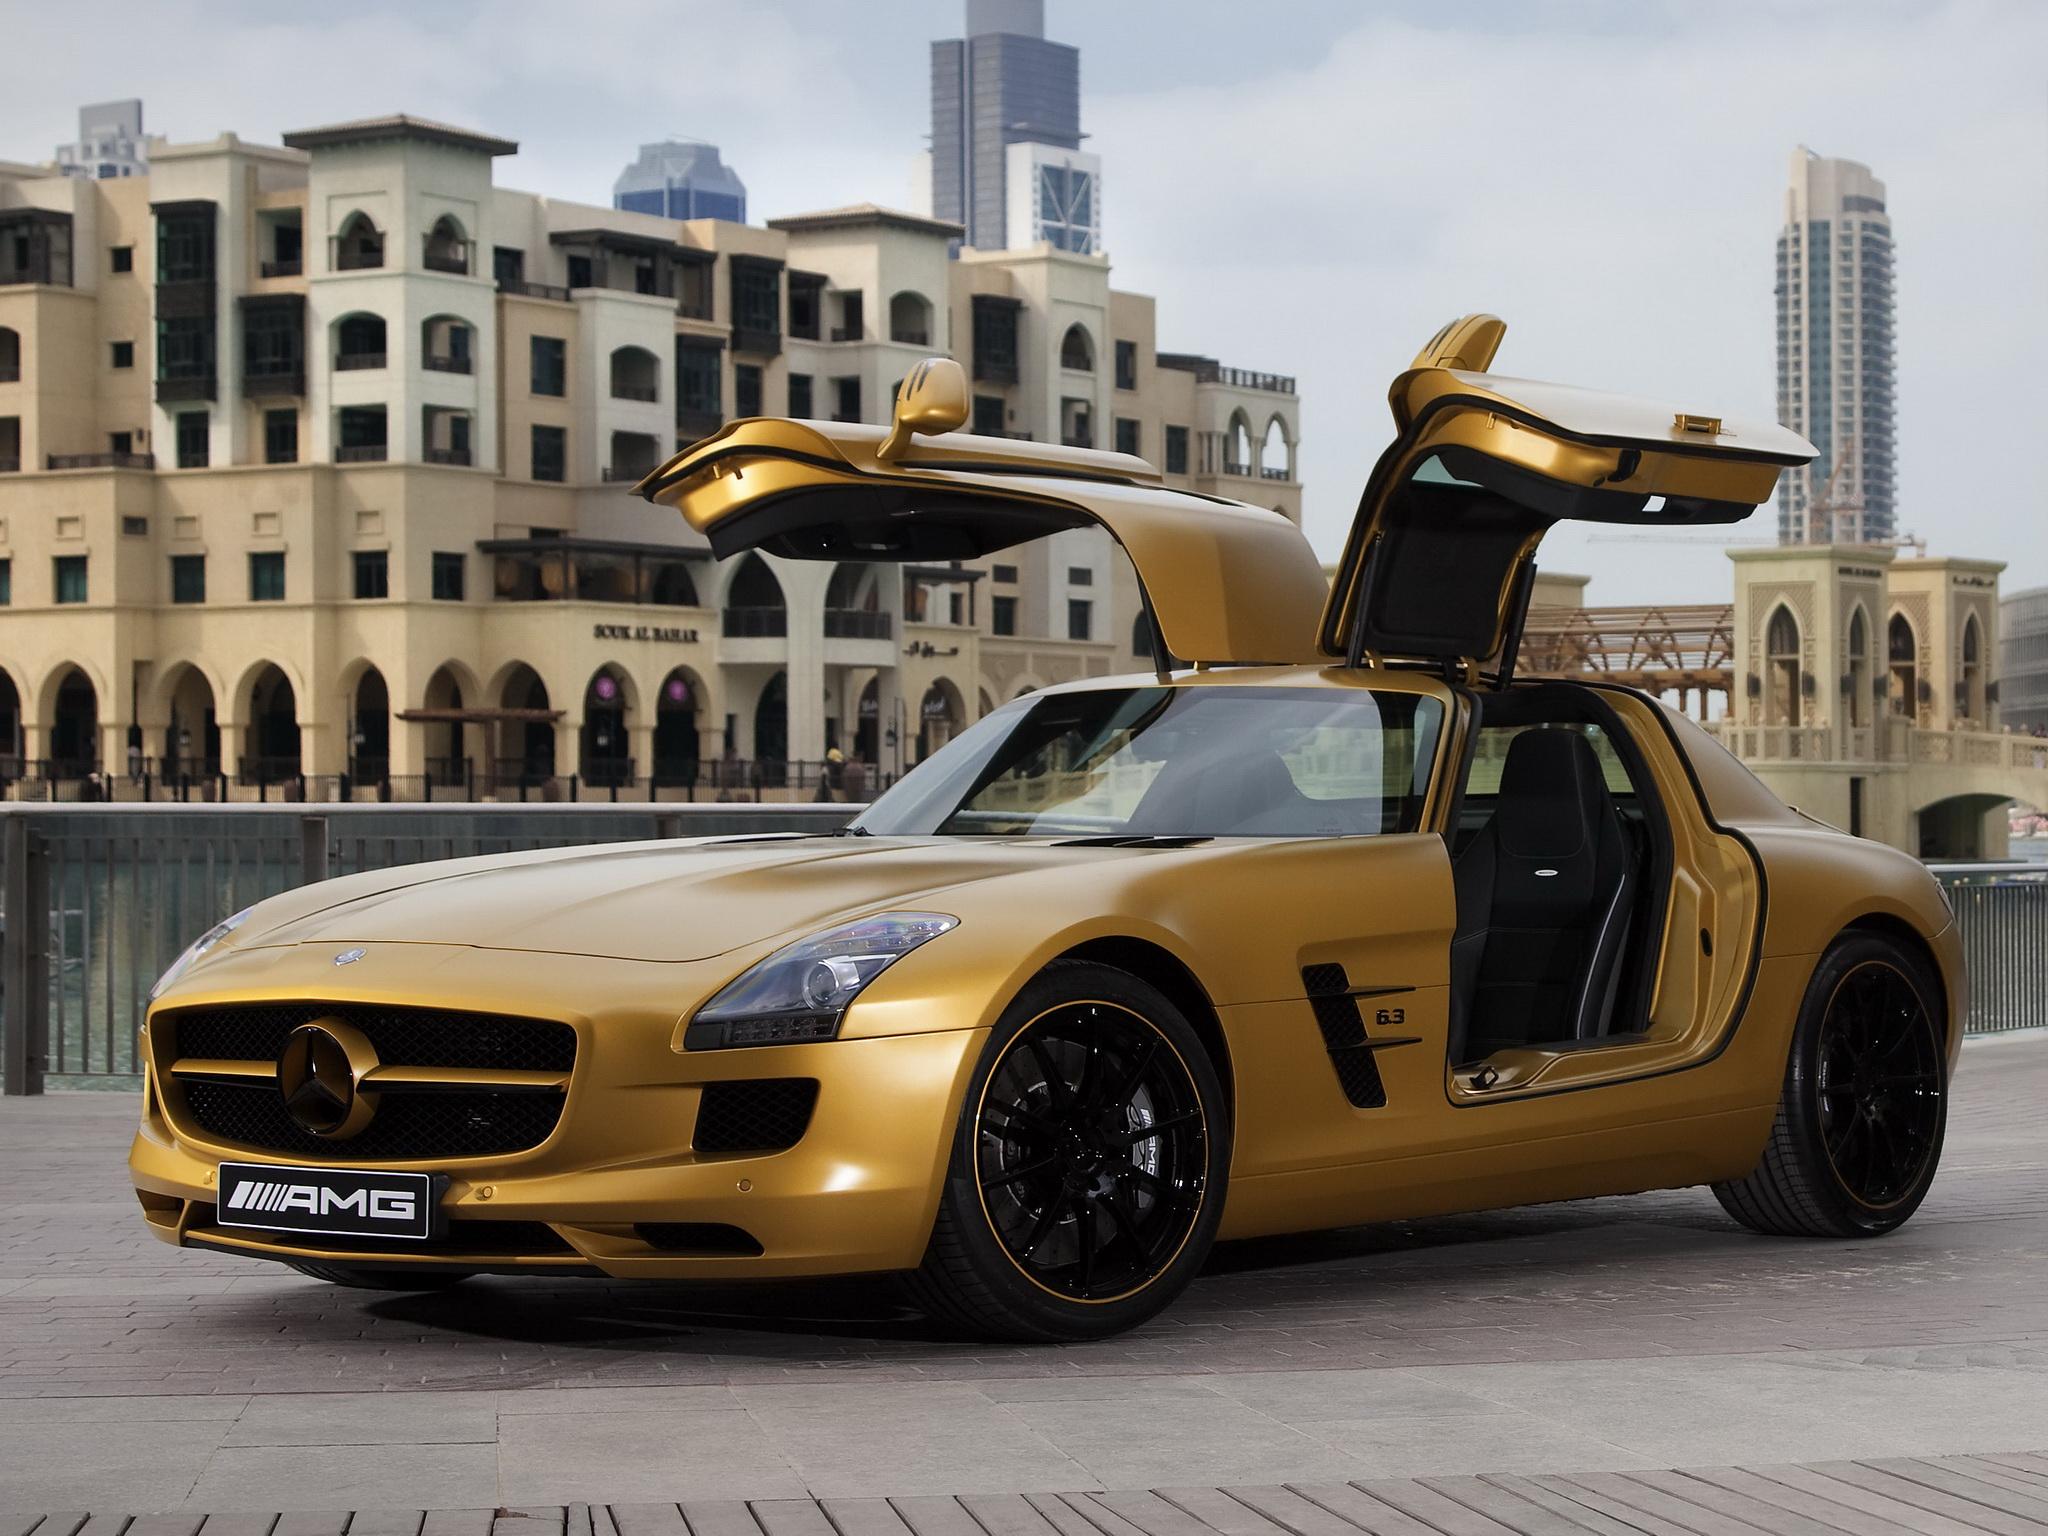 Mercedes Benz Sls Amg Desert Gold Mercedes Benz